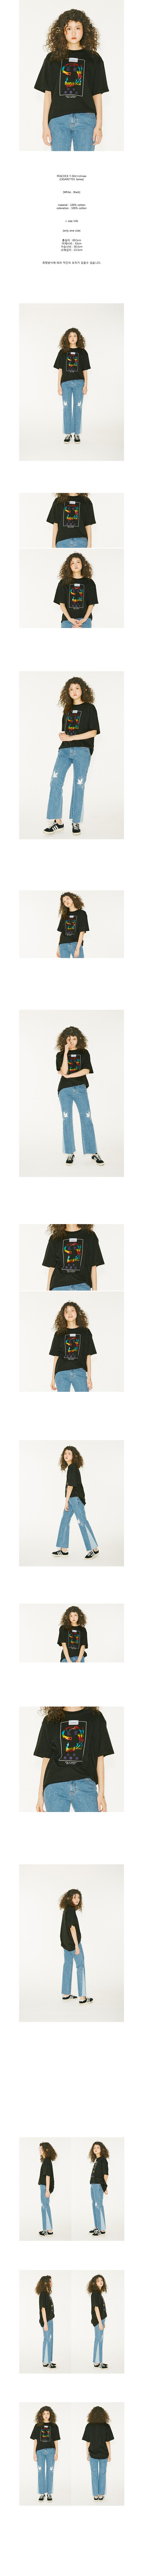 베이비센토르(BABYCENTAUR) [1+1 커플티 기획] 피코크 티셔츠 (시가렛 시리즈)